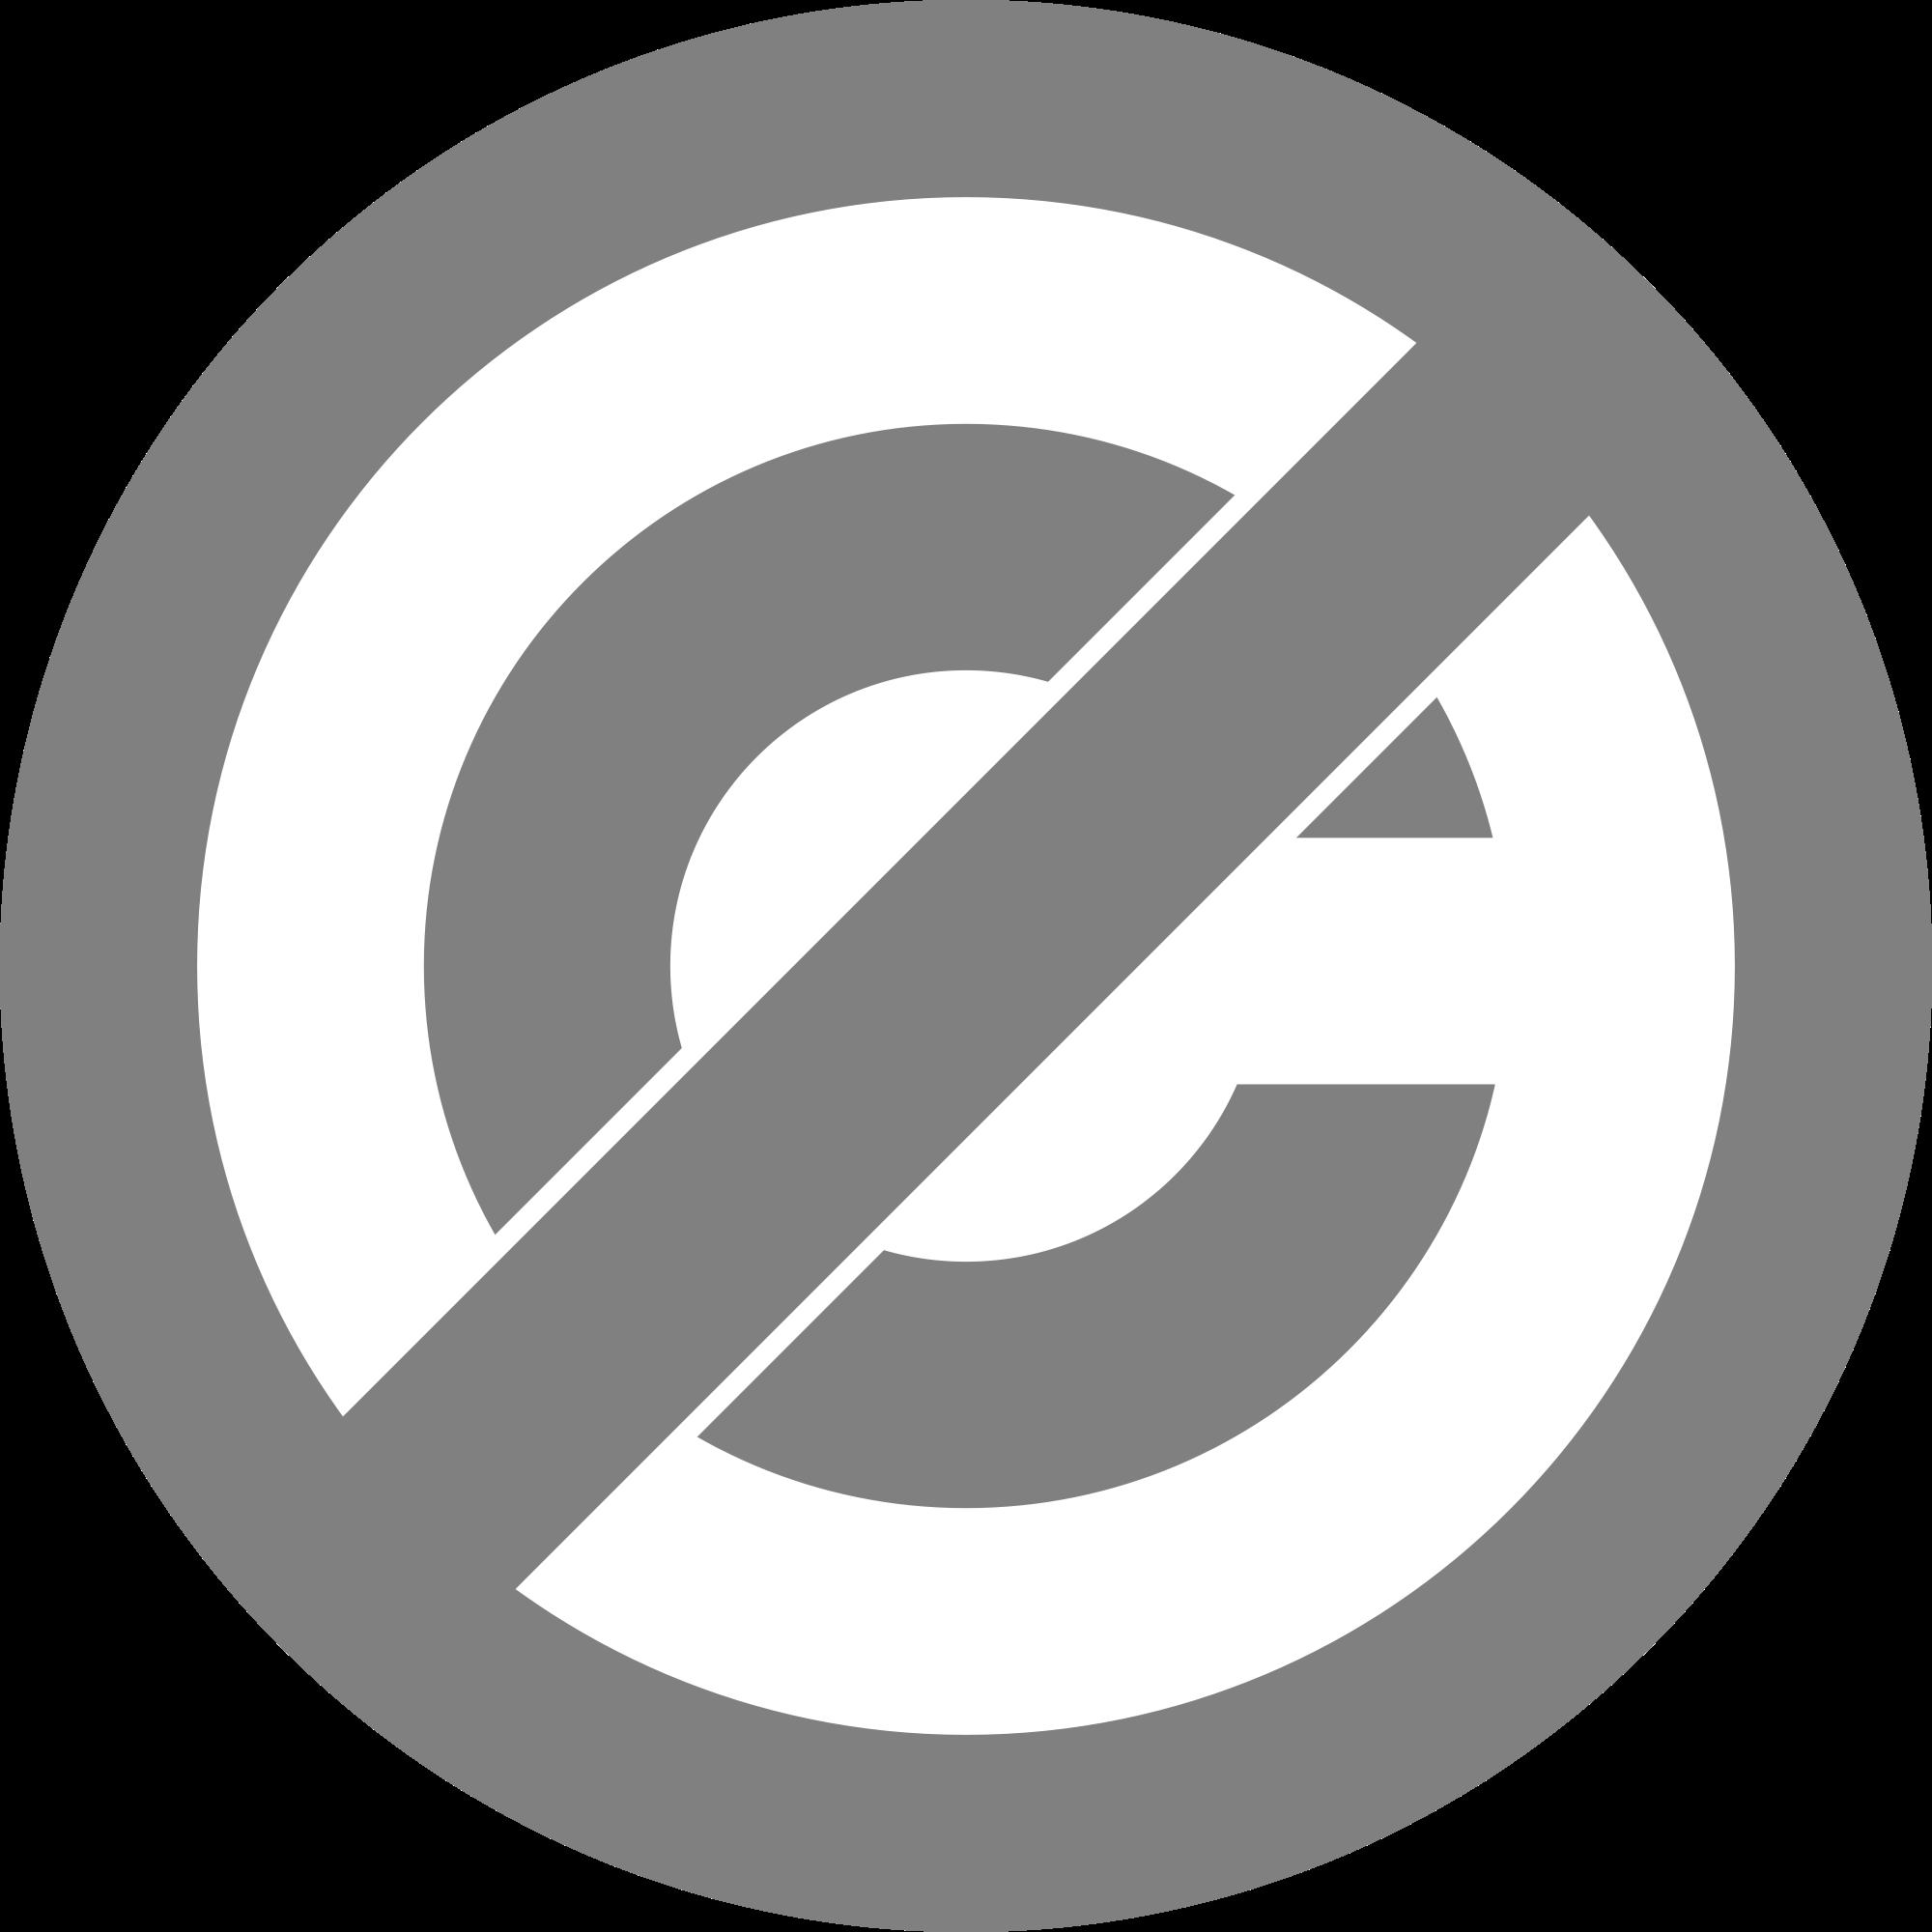 Public Domain Logo Png